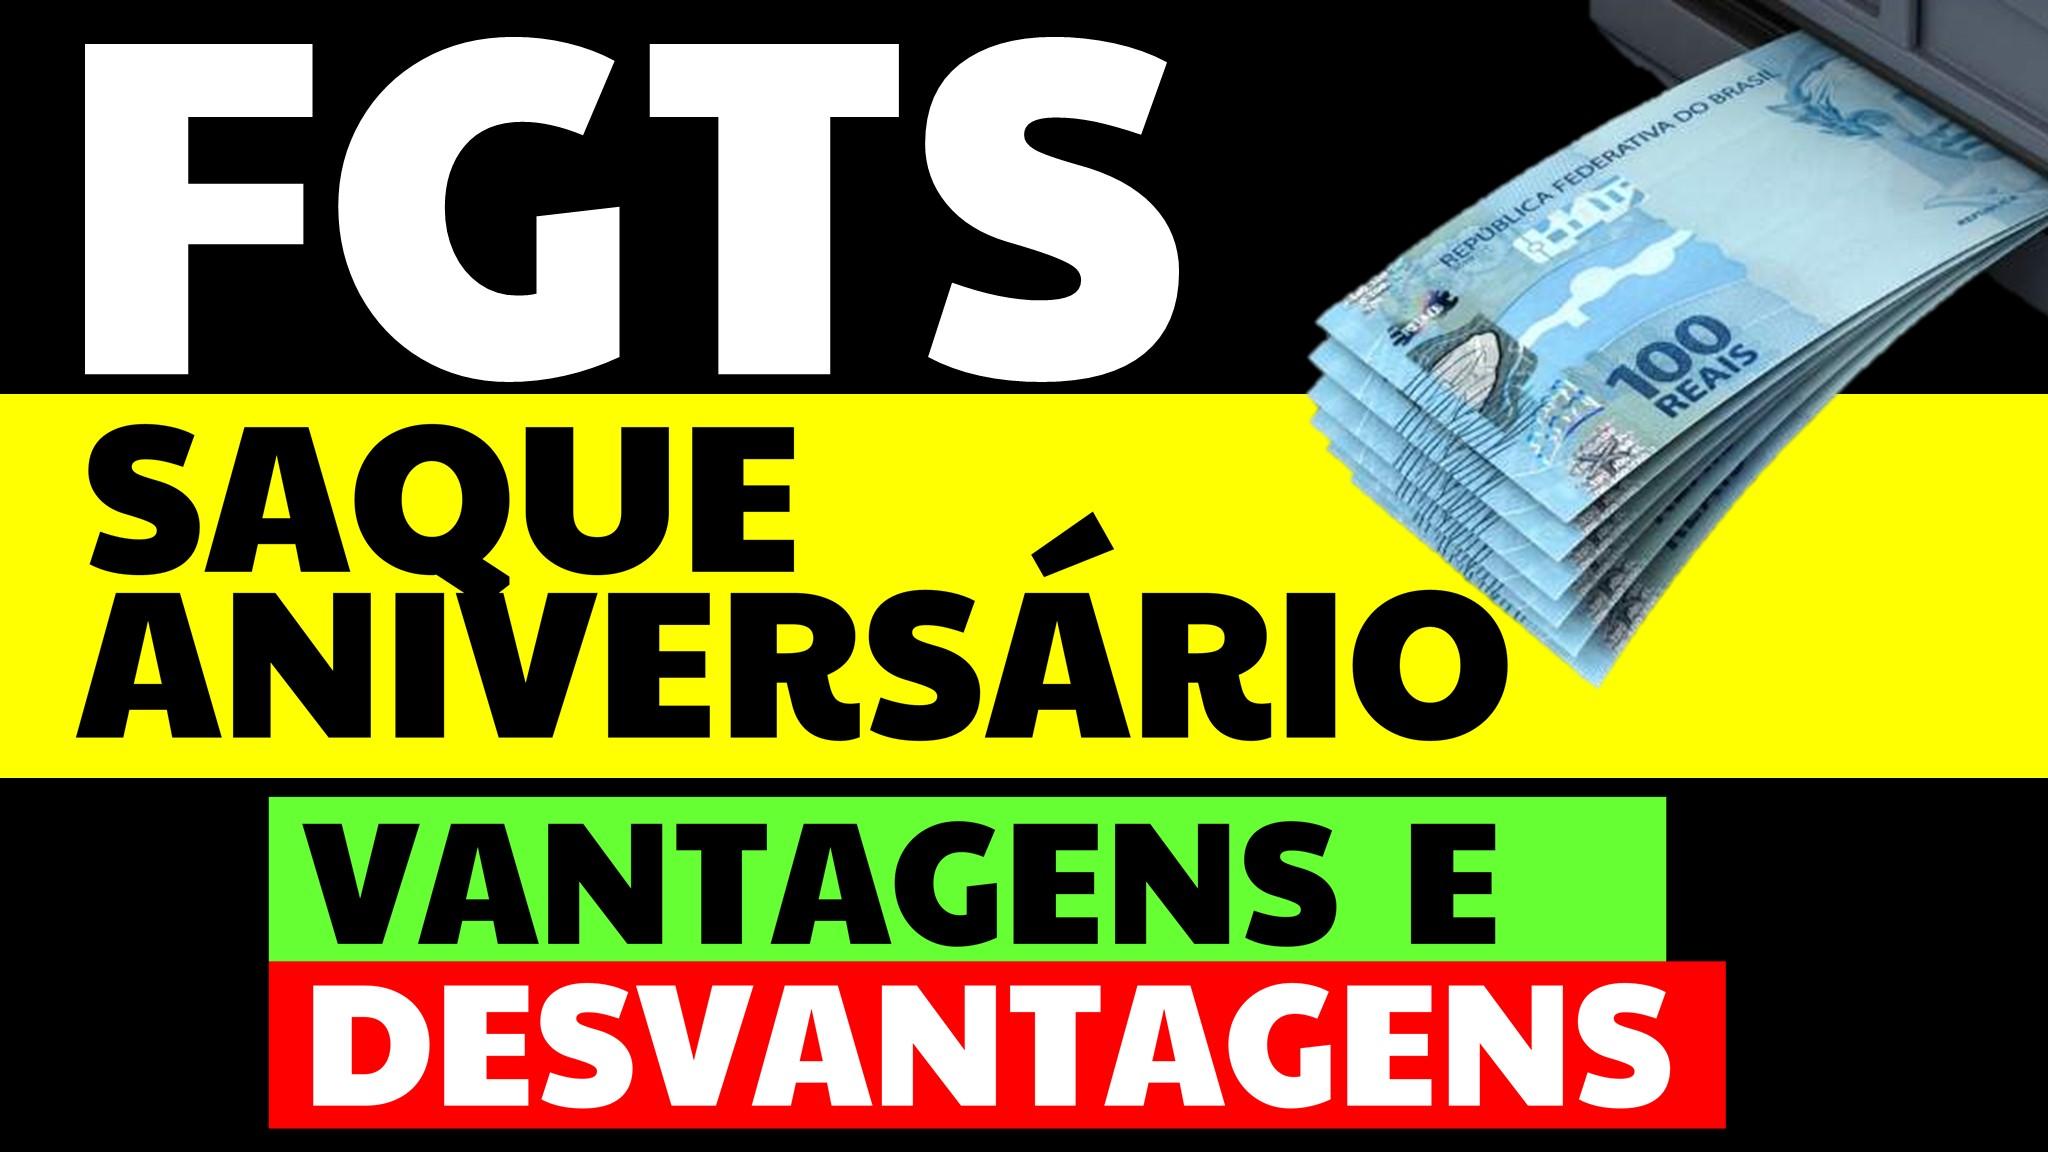 You are currently viewing FGTS 2021: Saque Aniversário FGTS – Vantagens e Desvantagens